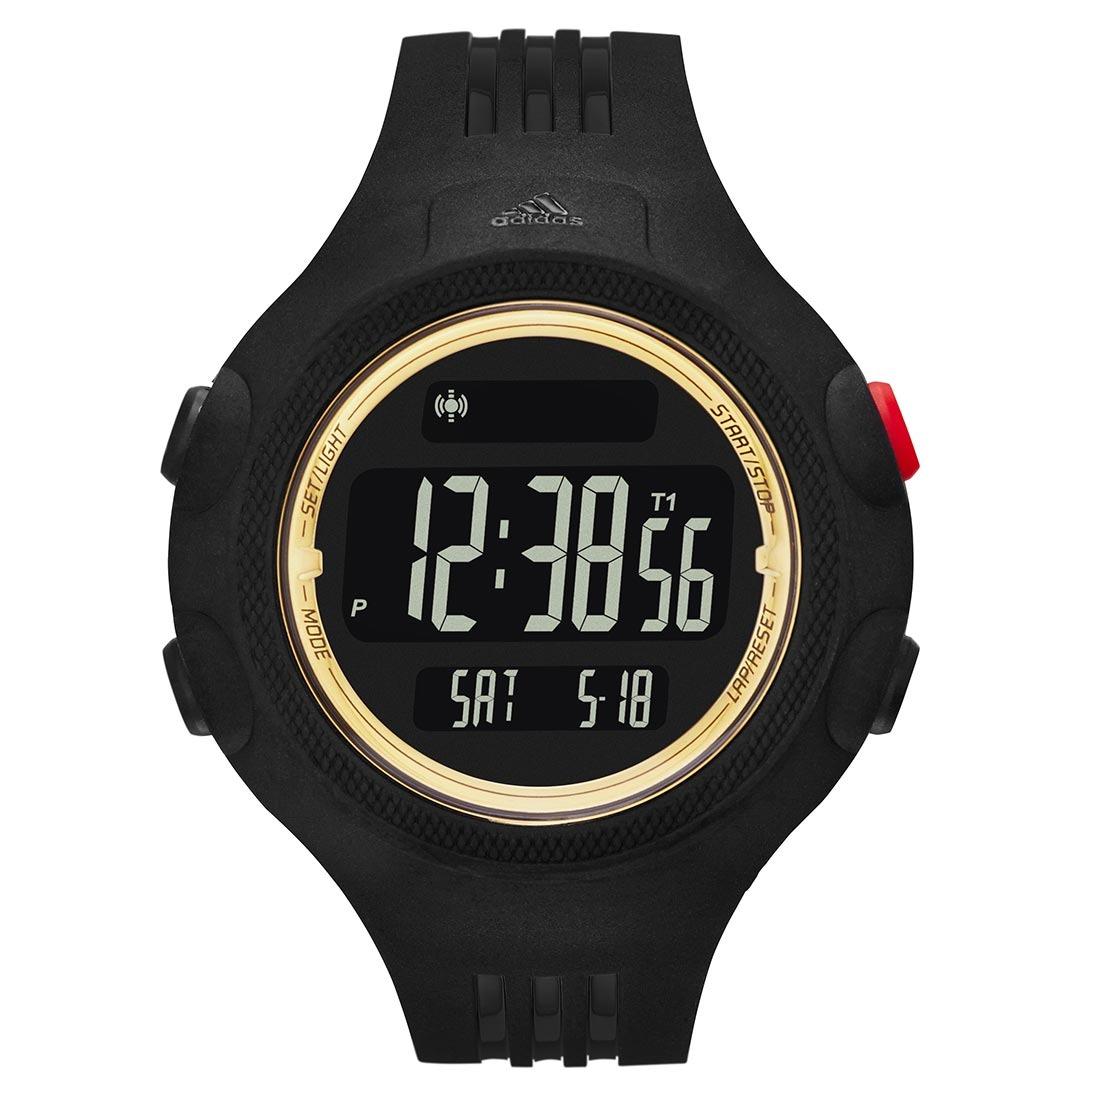 dfa54e946 Relógio Masculino adidas, Digital - Adp6137/8pi - R$ 187,99 em ...